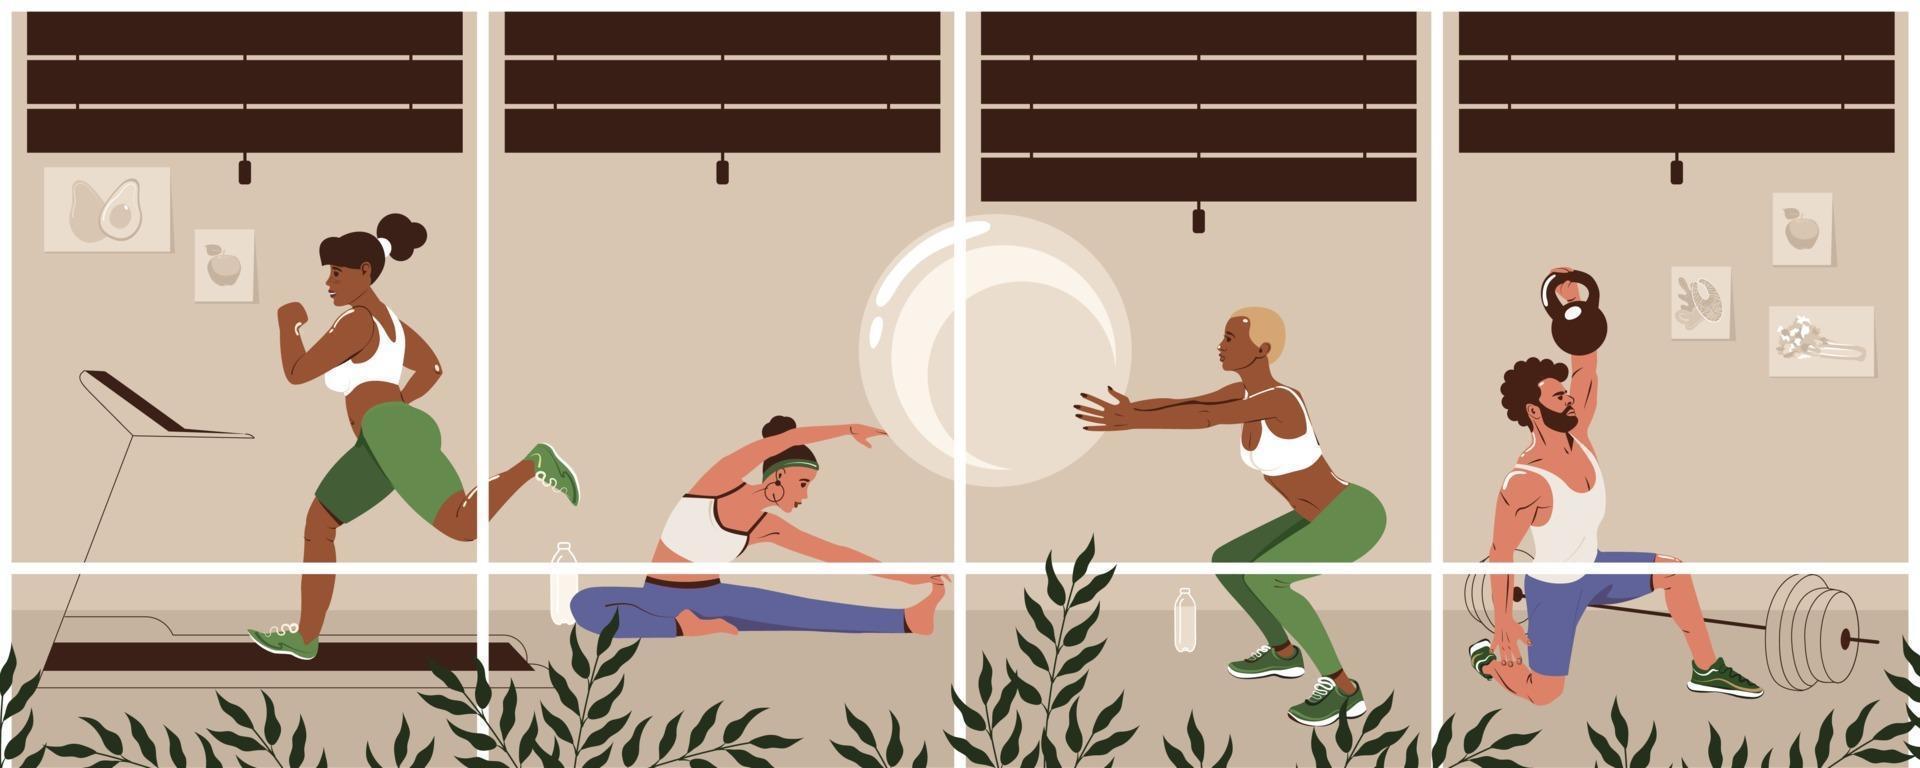 verschillende jonge mensen die bij moderne gymnastiek uitoefenen. gezonde levensstijl, fitness concept. mannen en vrouwen doen fysieke oefeningen. platte vectorillustratie vector